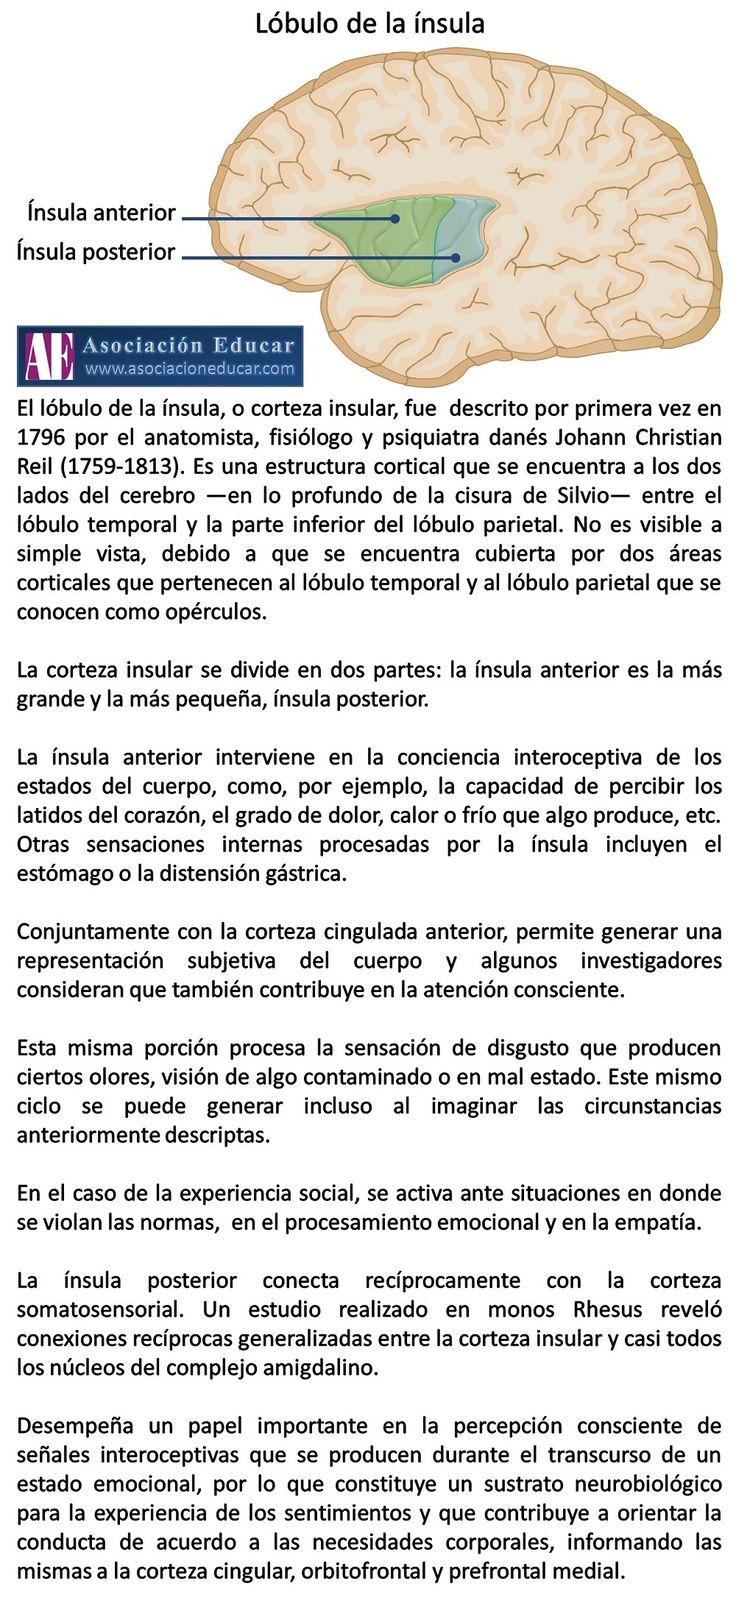 Lóbulo ínsula. - Asociación Educar - Ciencias y Neurociencias aplicadas al Desarrollo Humano - www.asociacioneducar.com